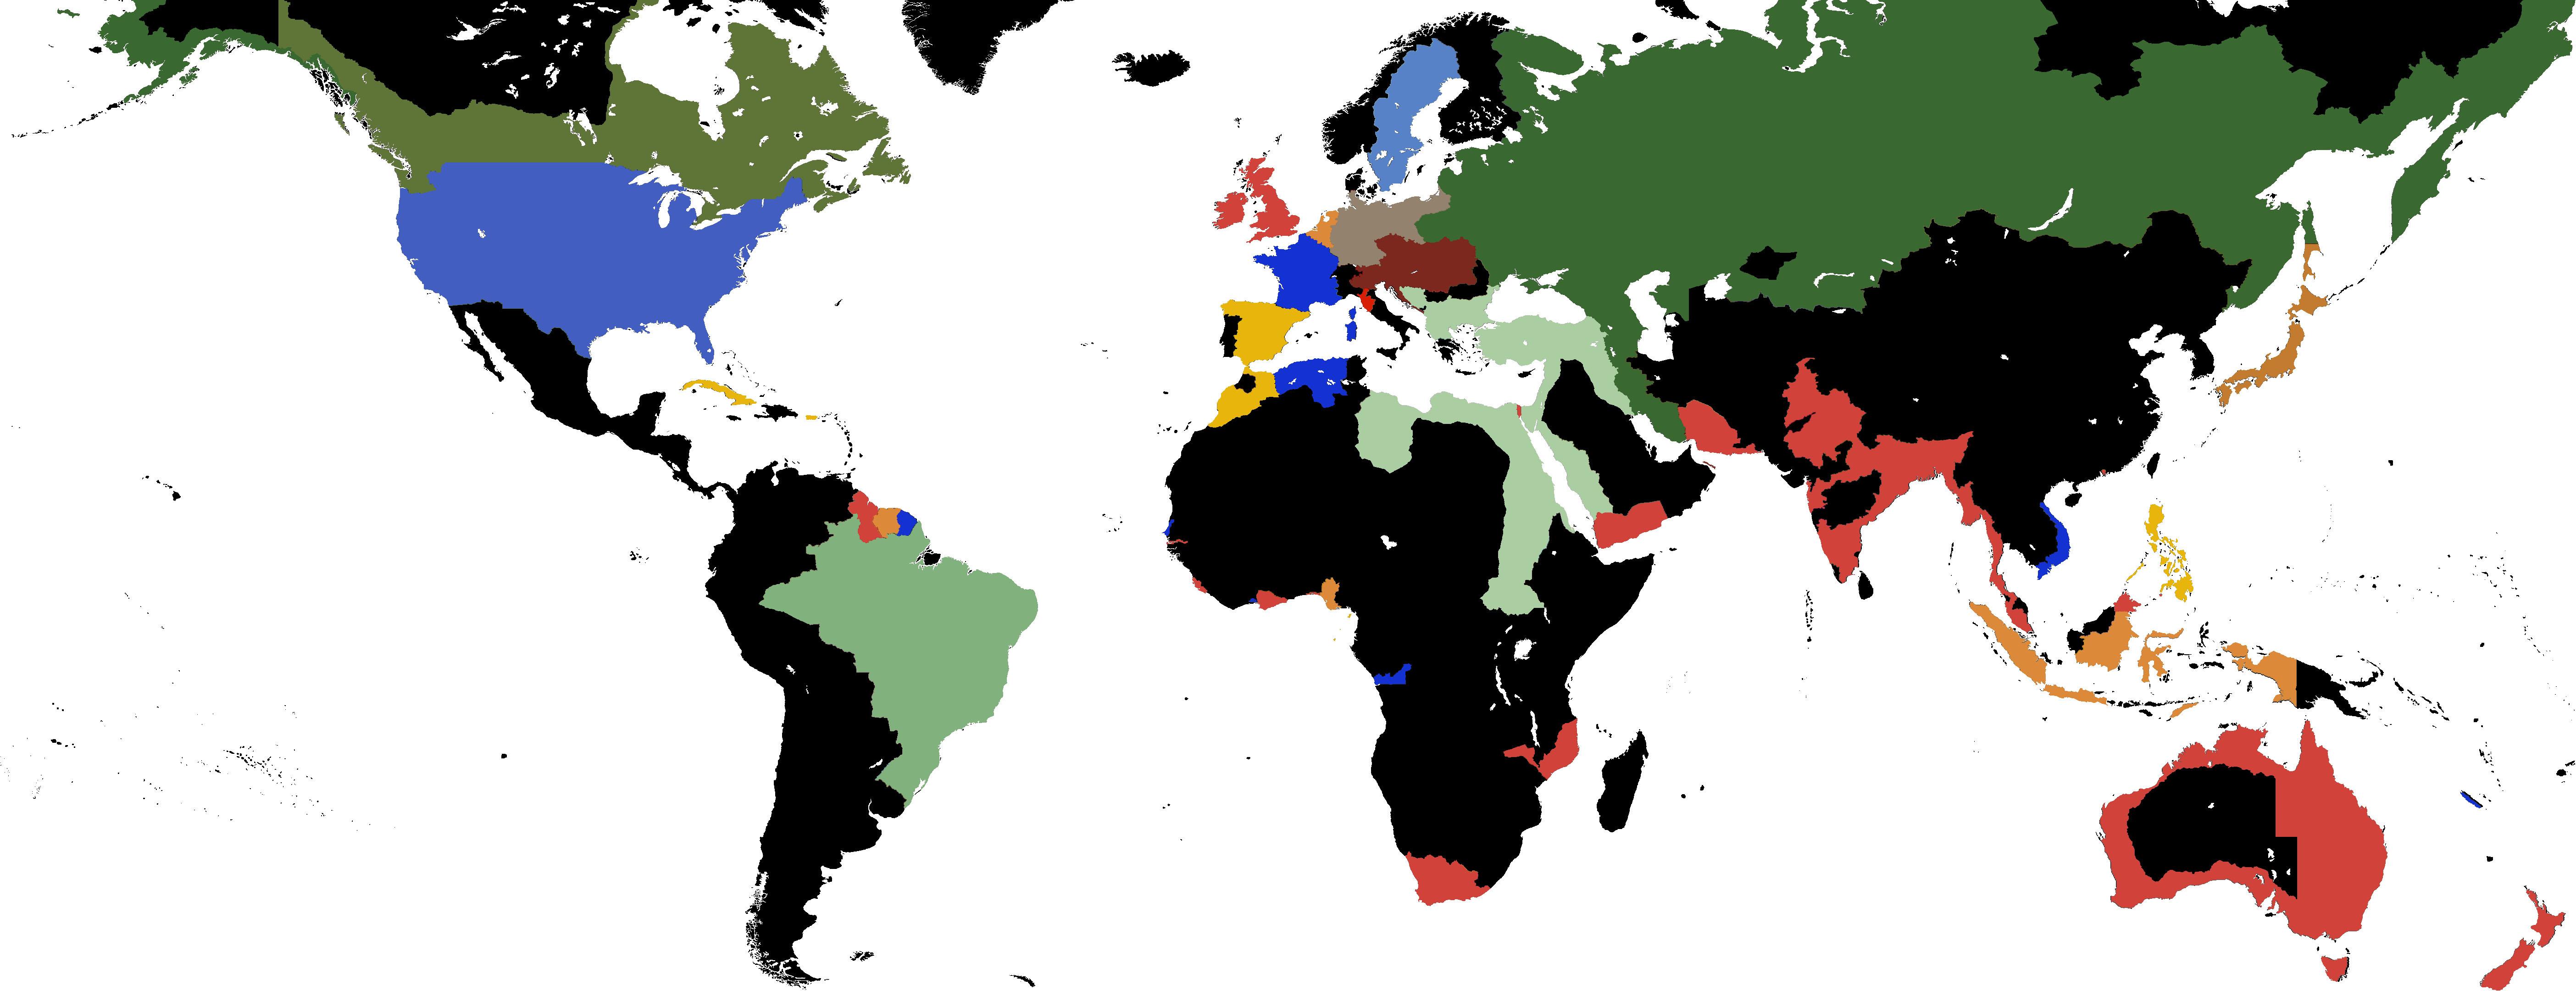 oyuncu_haritasi.jpg